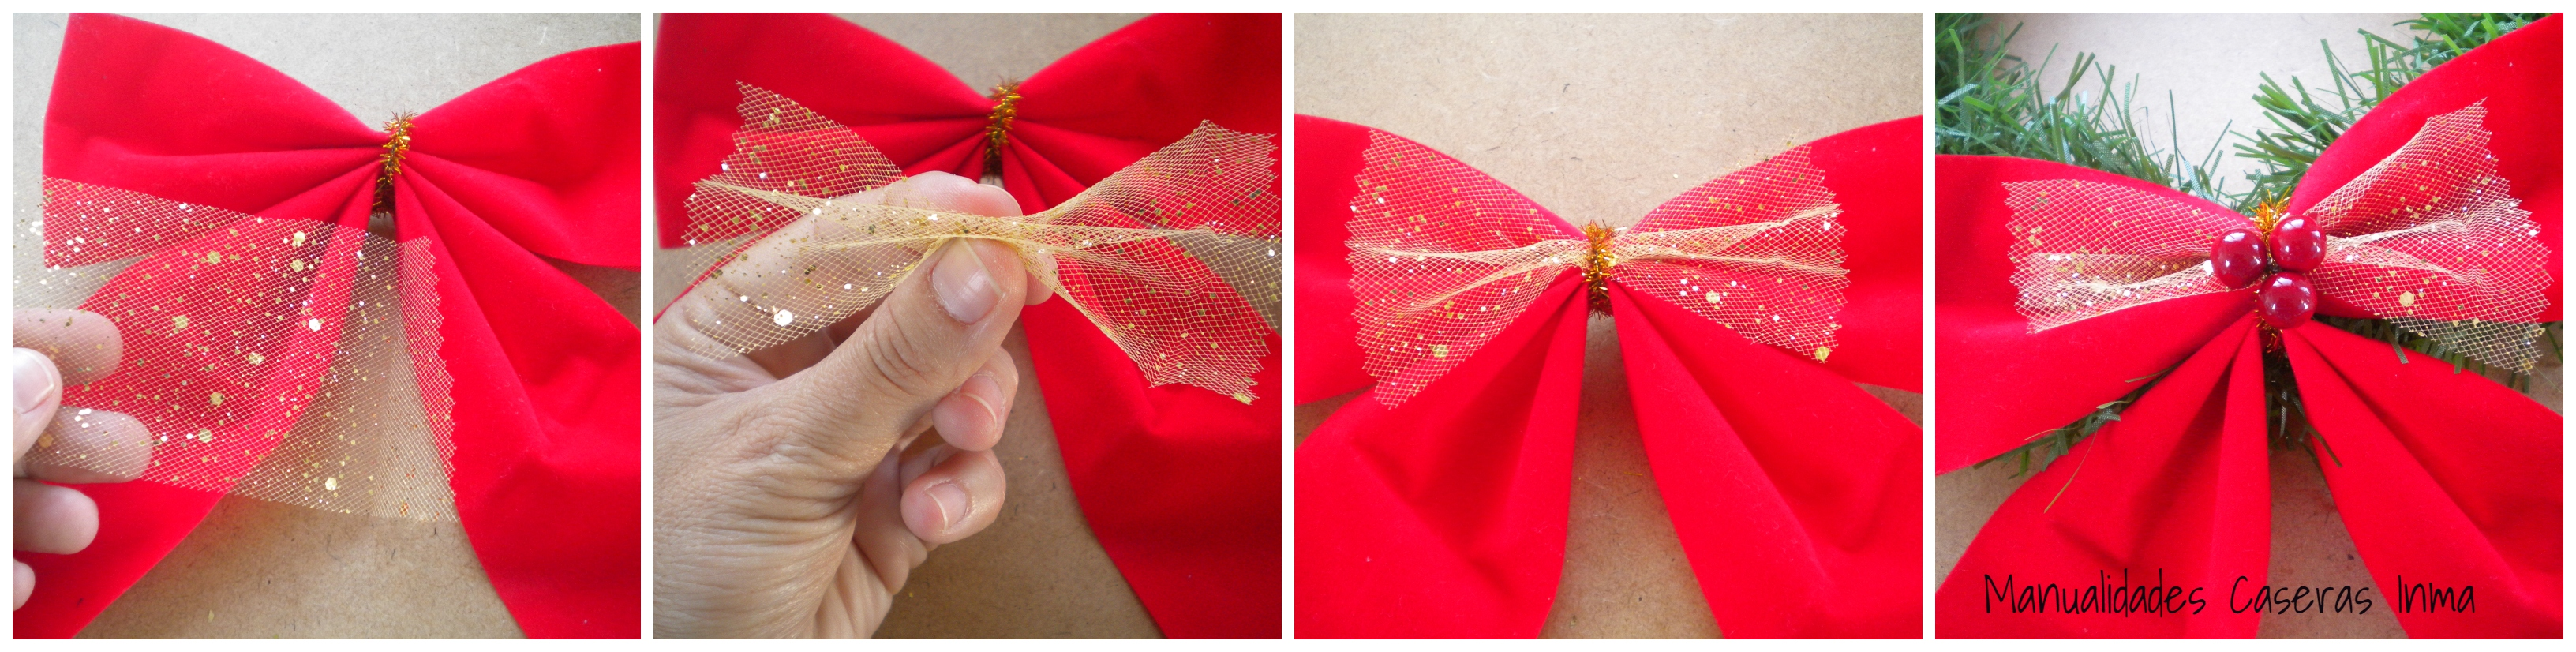 Manualidades Caseras Inma_ Como hacer la decoración del lazo una corona de navidad low cost